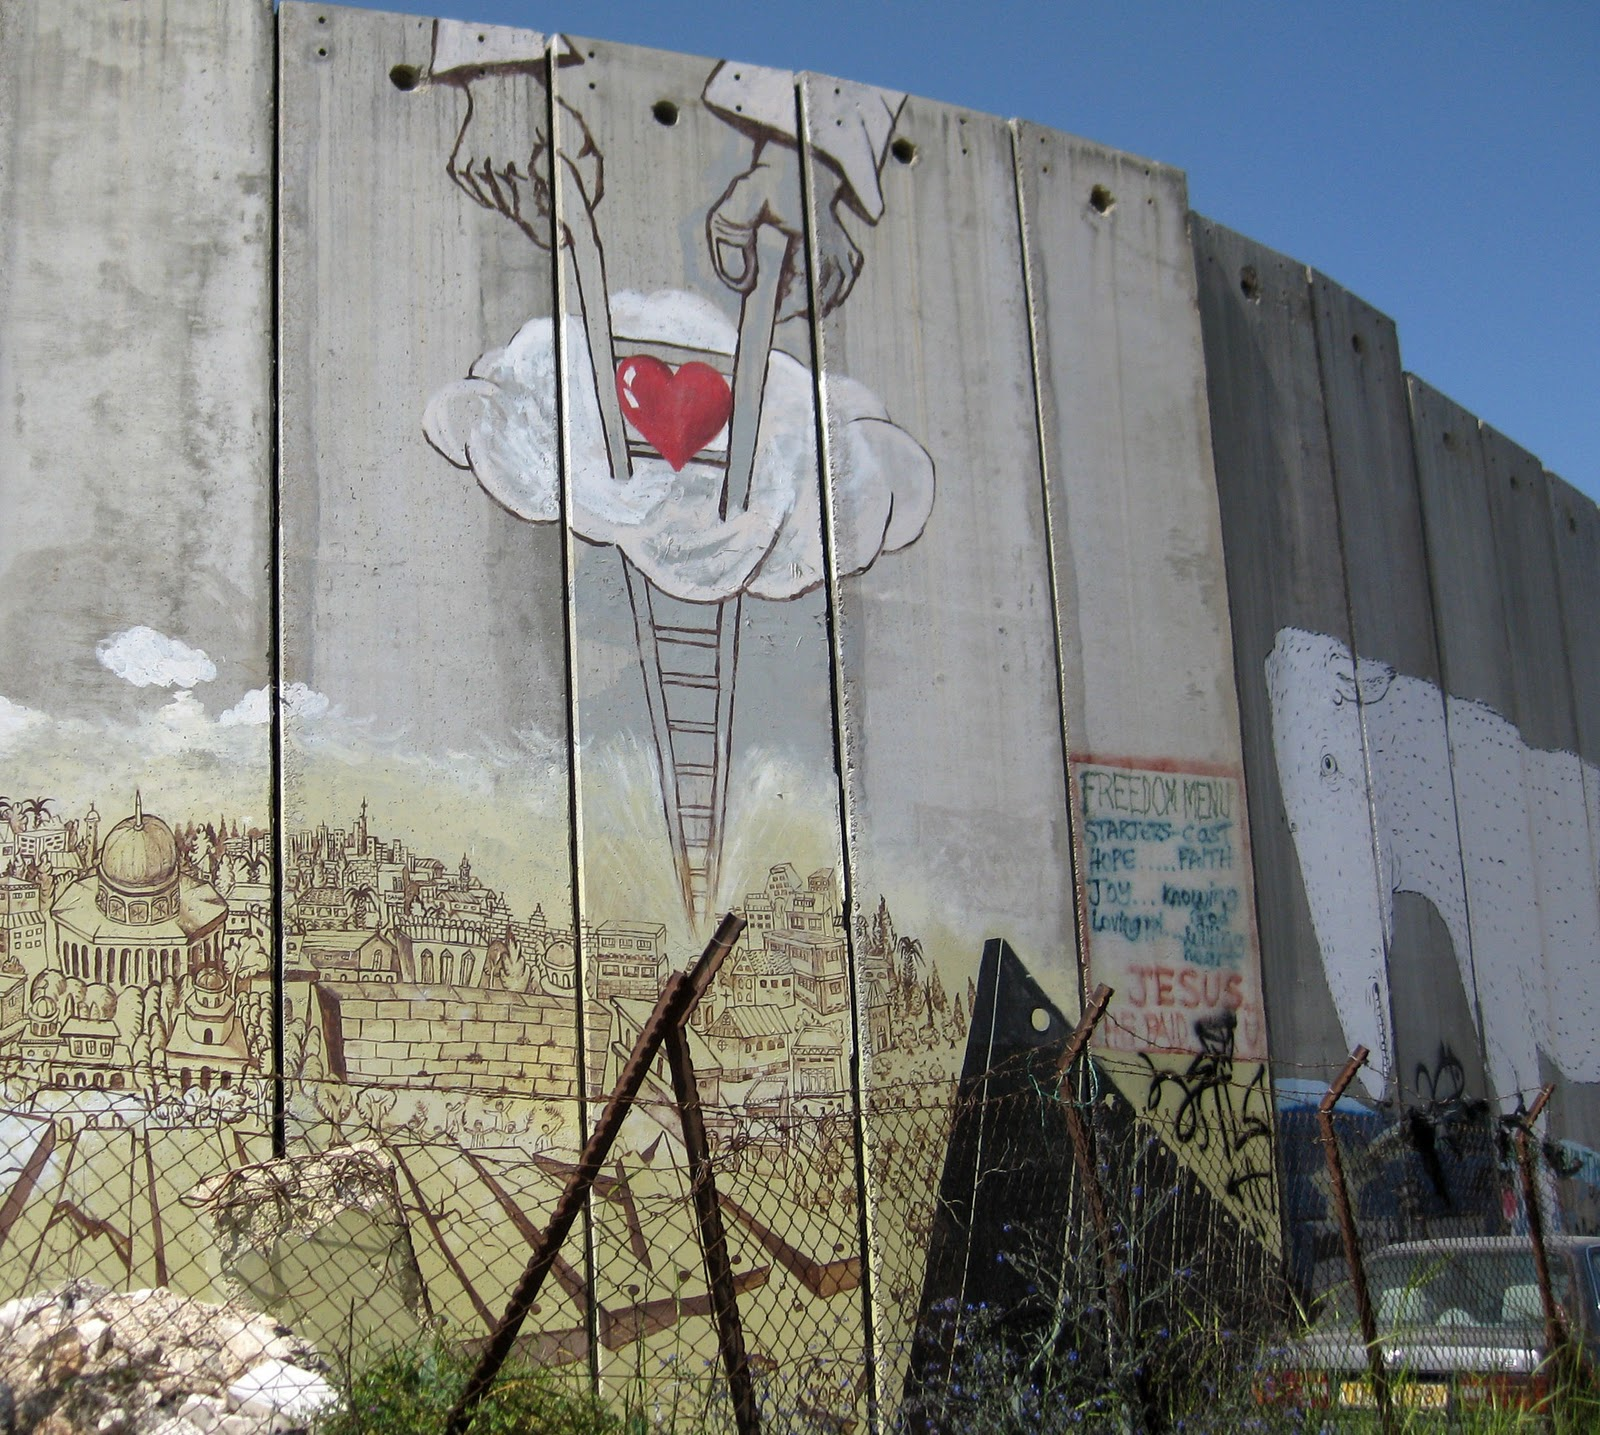 Destruction Of The Berlin Wall World War Z: A Bad Zom...